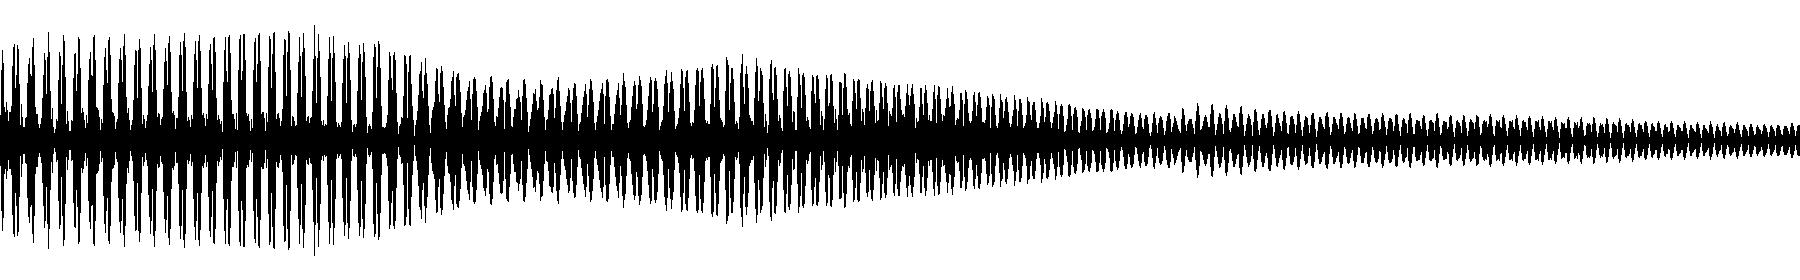 gia sound 27 d4